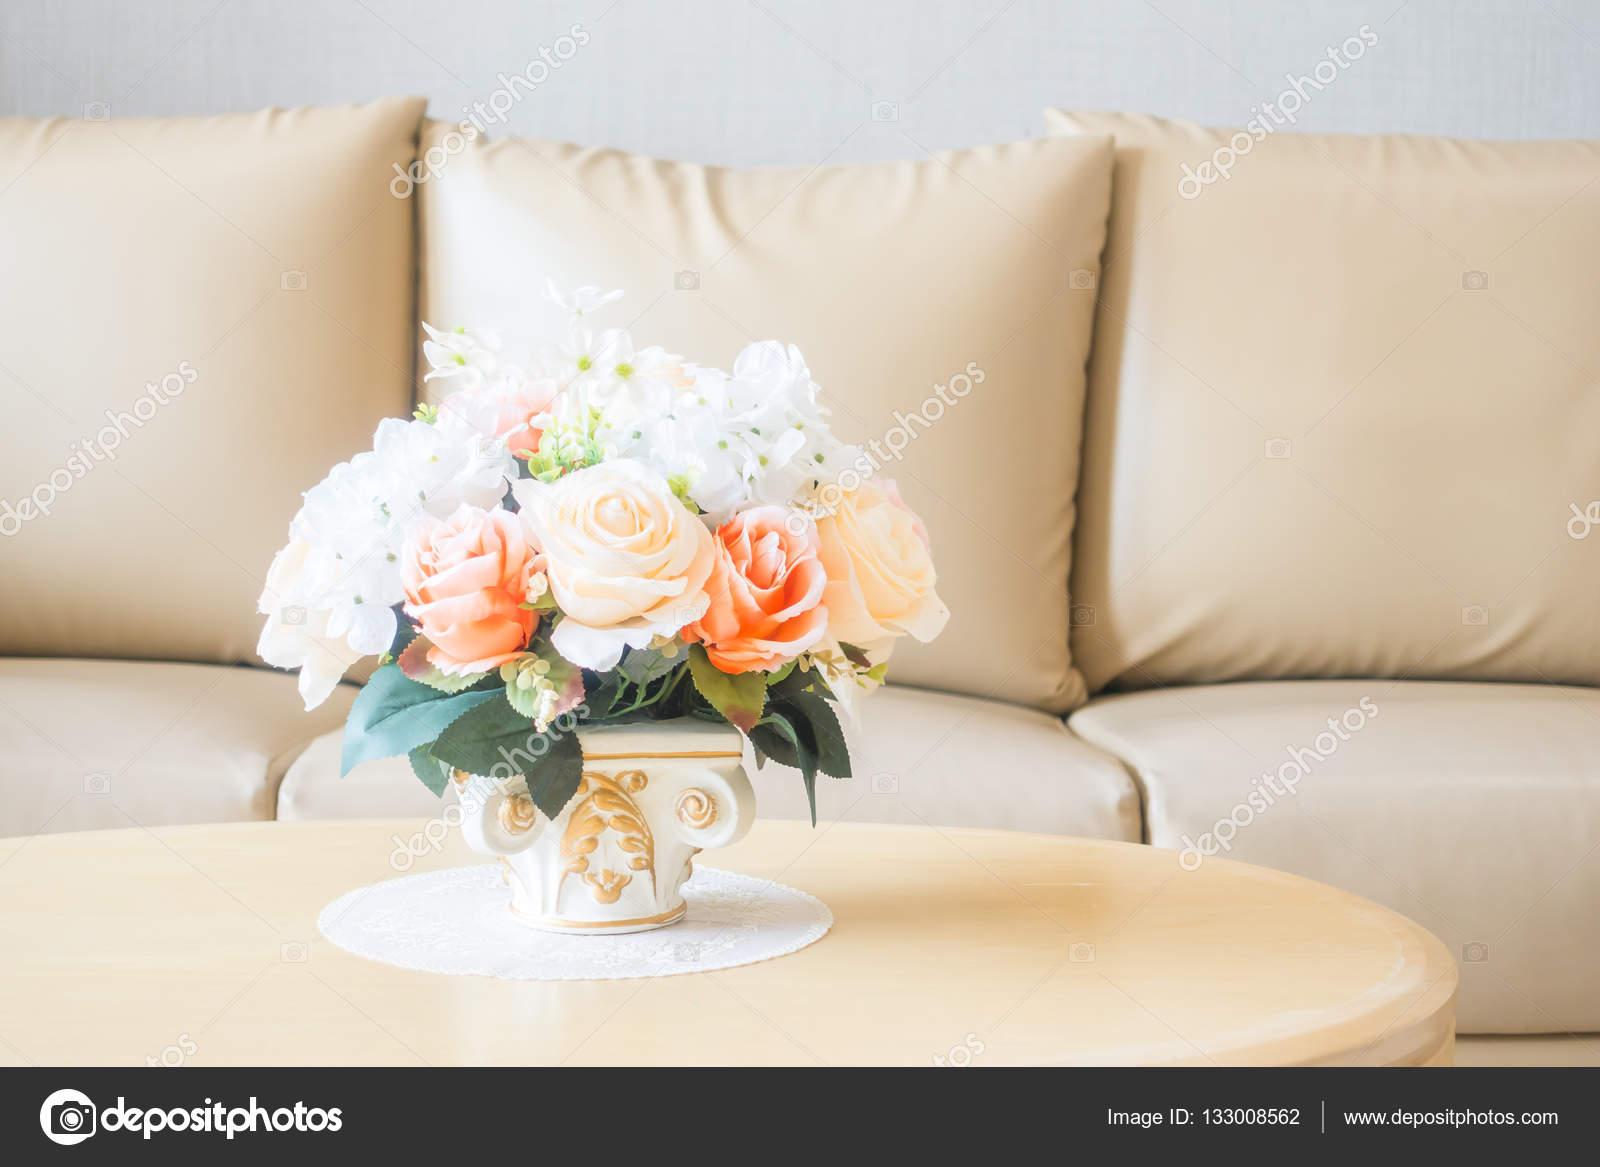 https://st3.depositphotos.com/1875497/13300/i/1600/depositphotos_133008562-stockafbeelding-bloemenvaas-op-tafeldecoratie-in-de.jpg